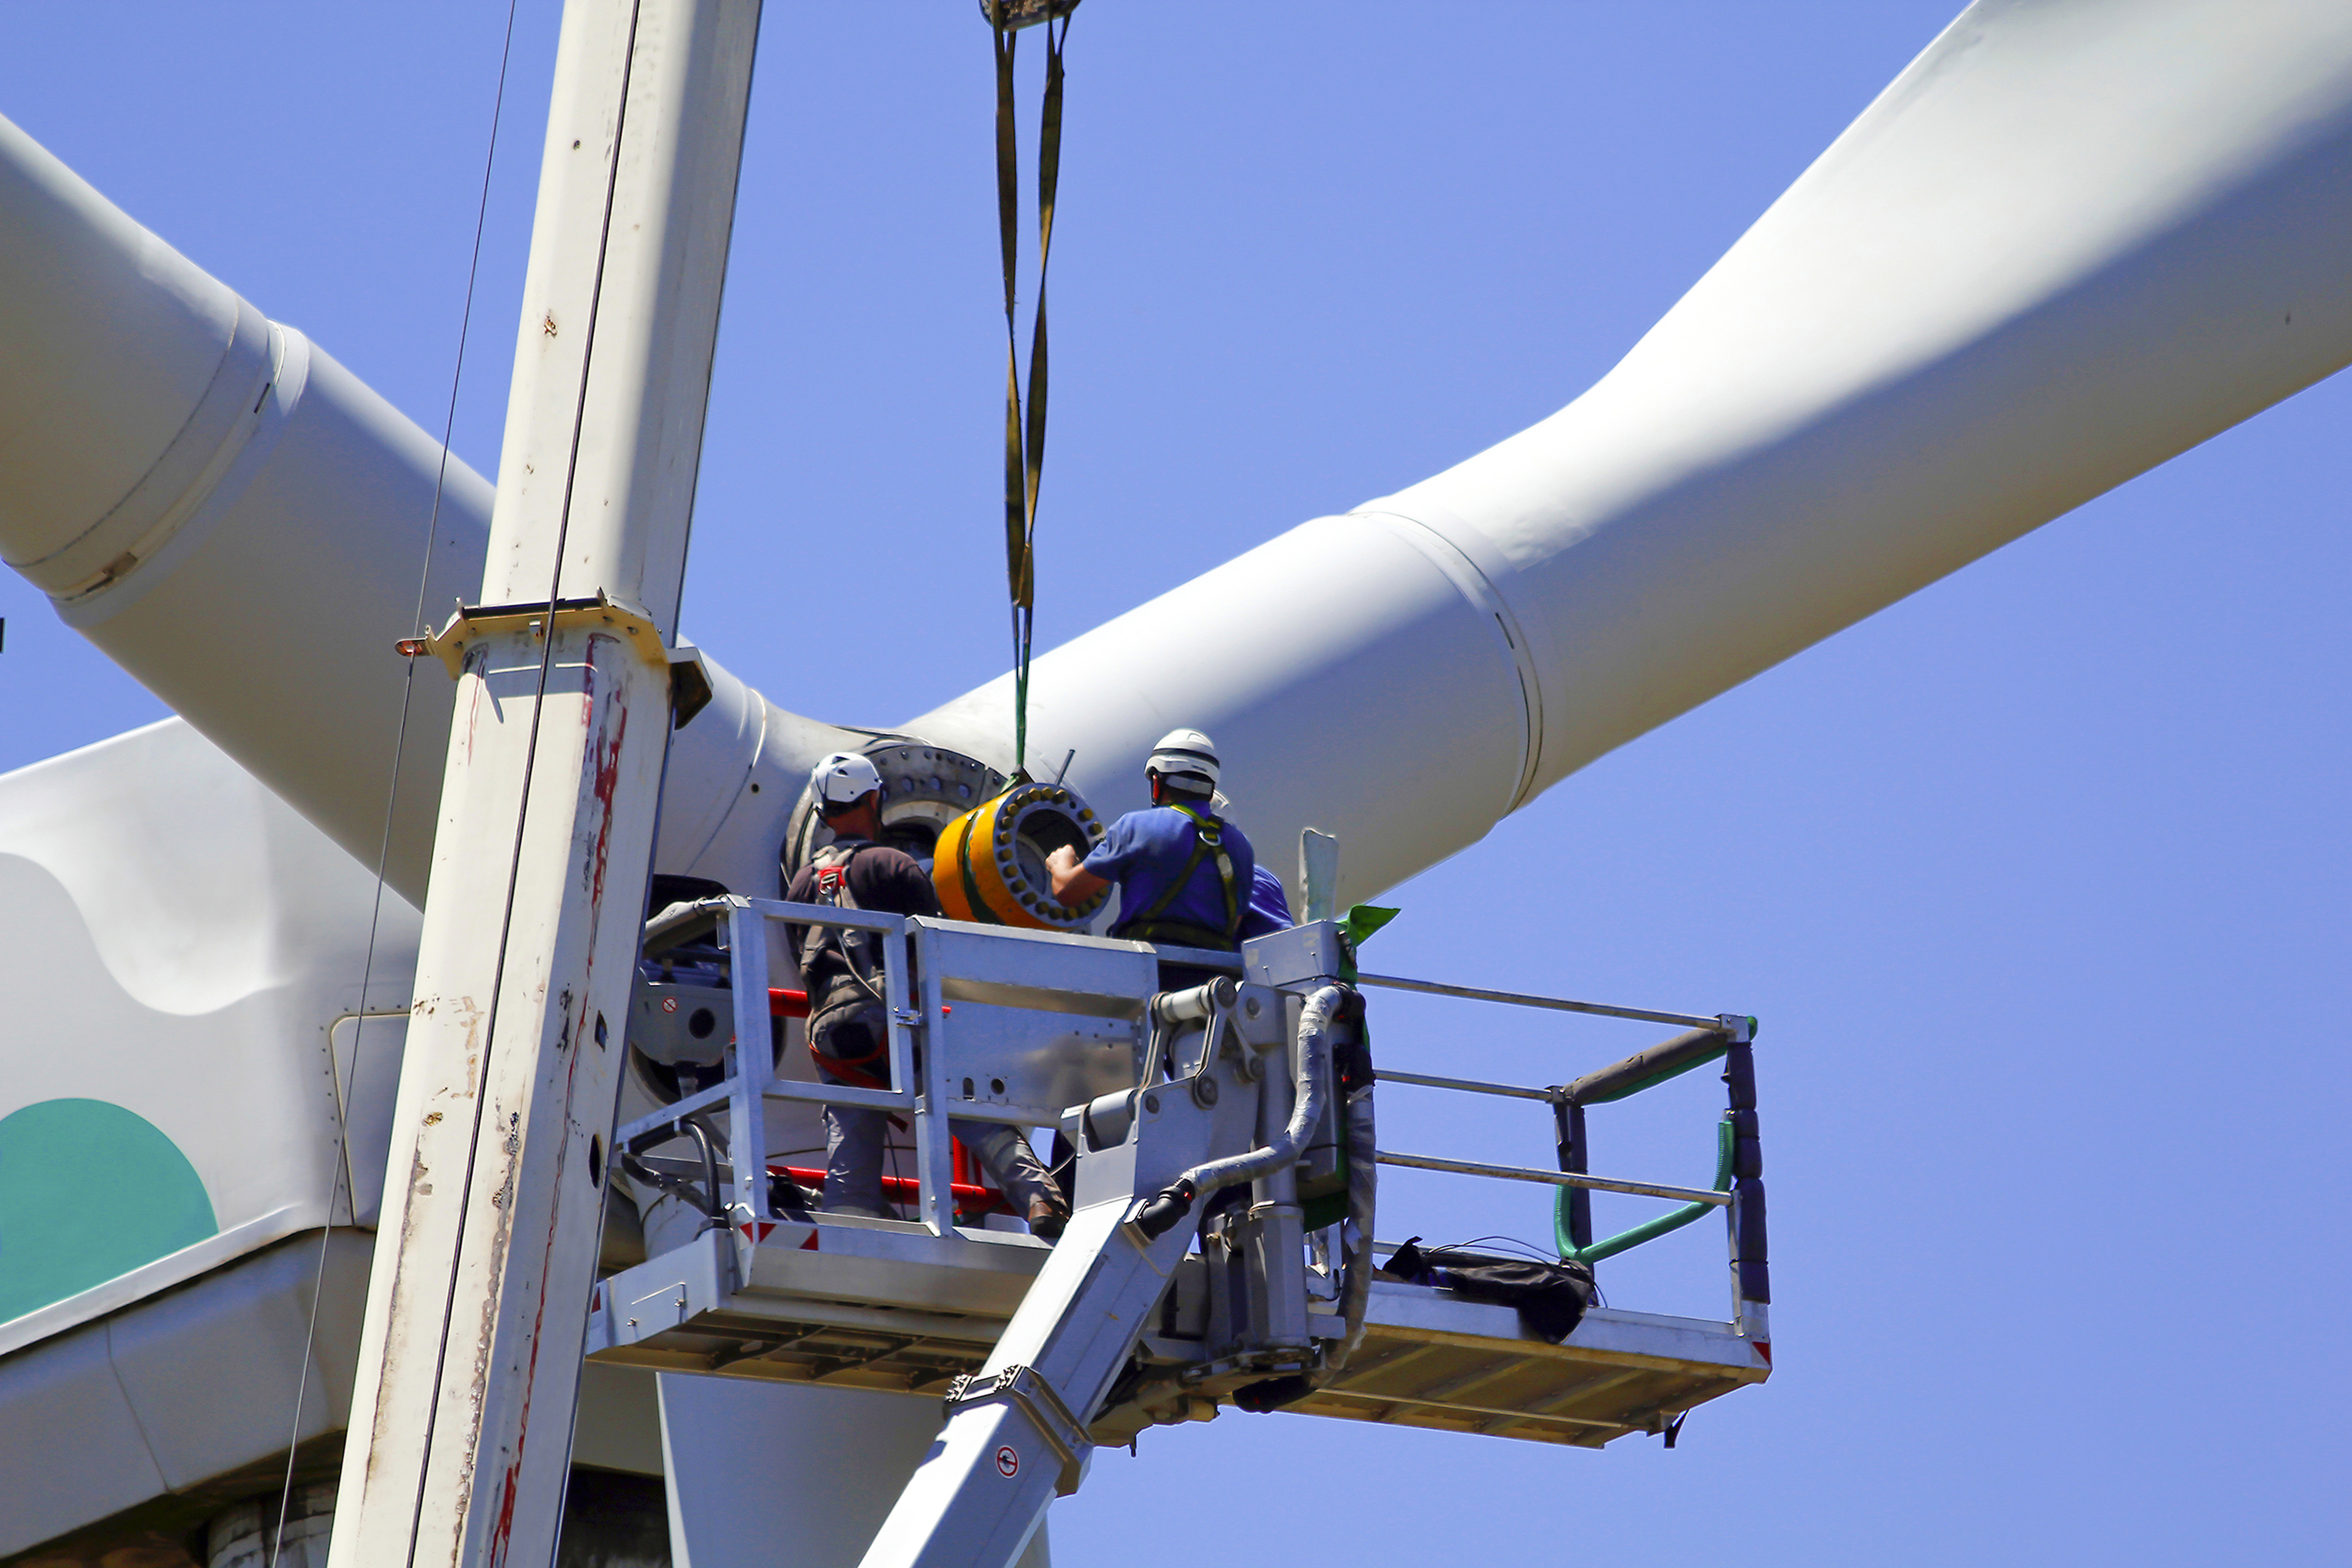 Installing a wind turbine